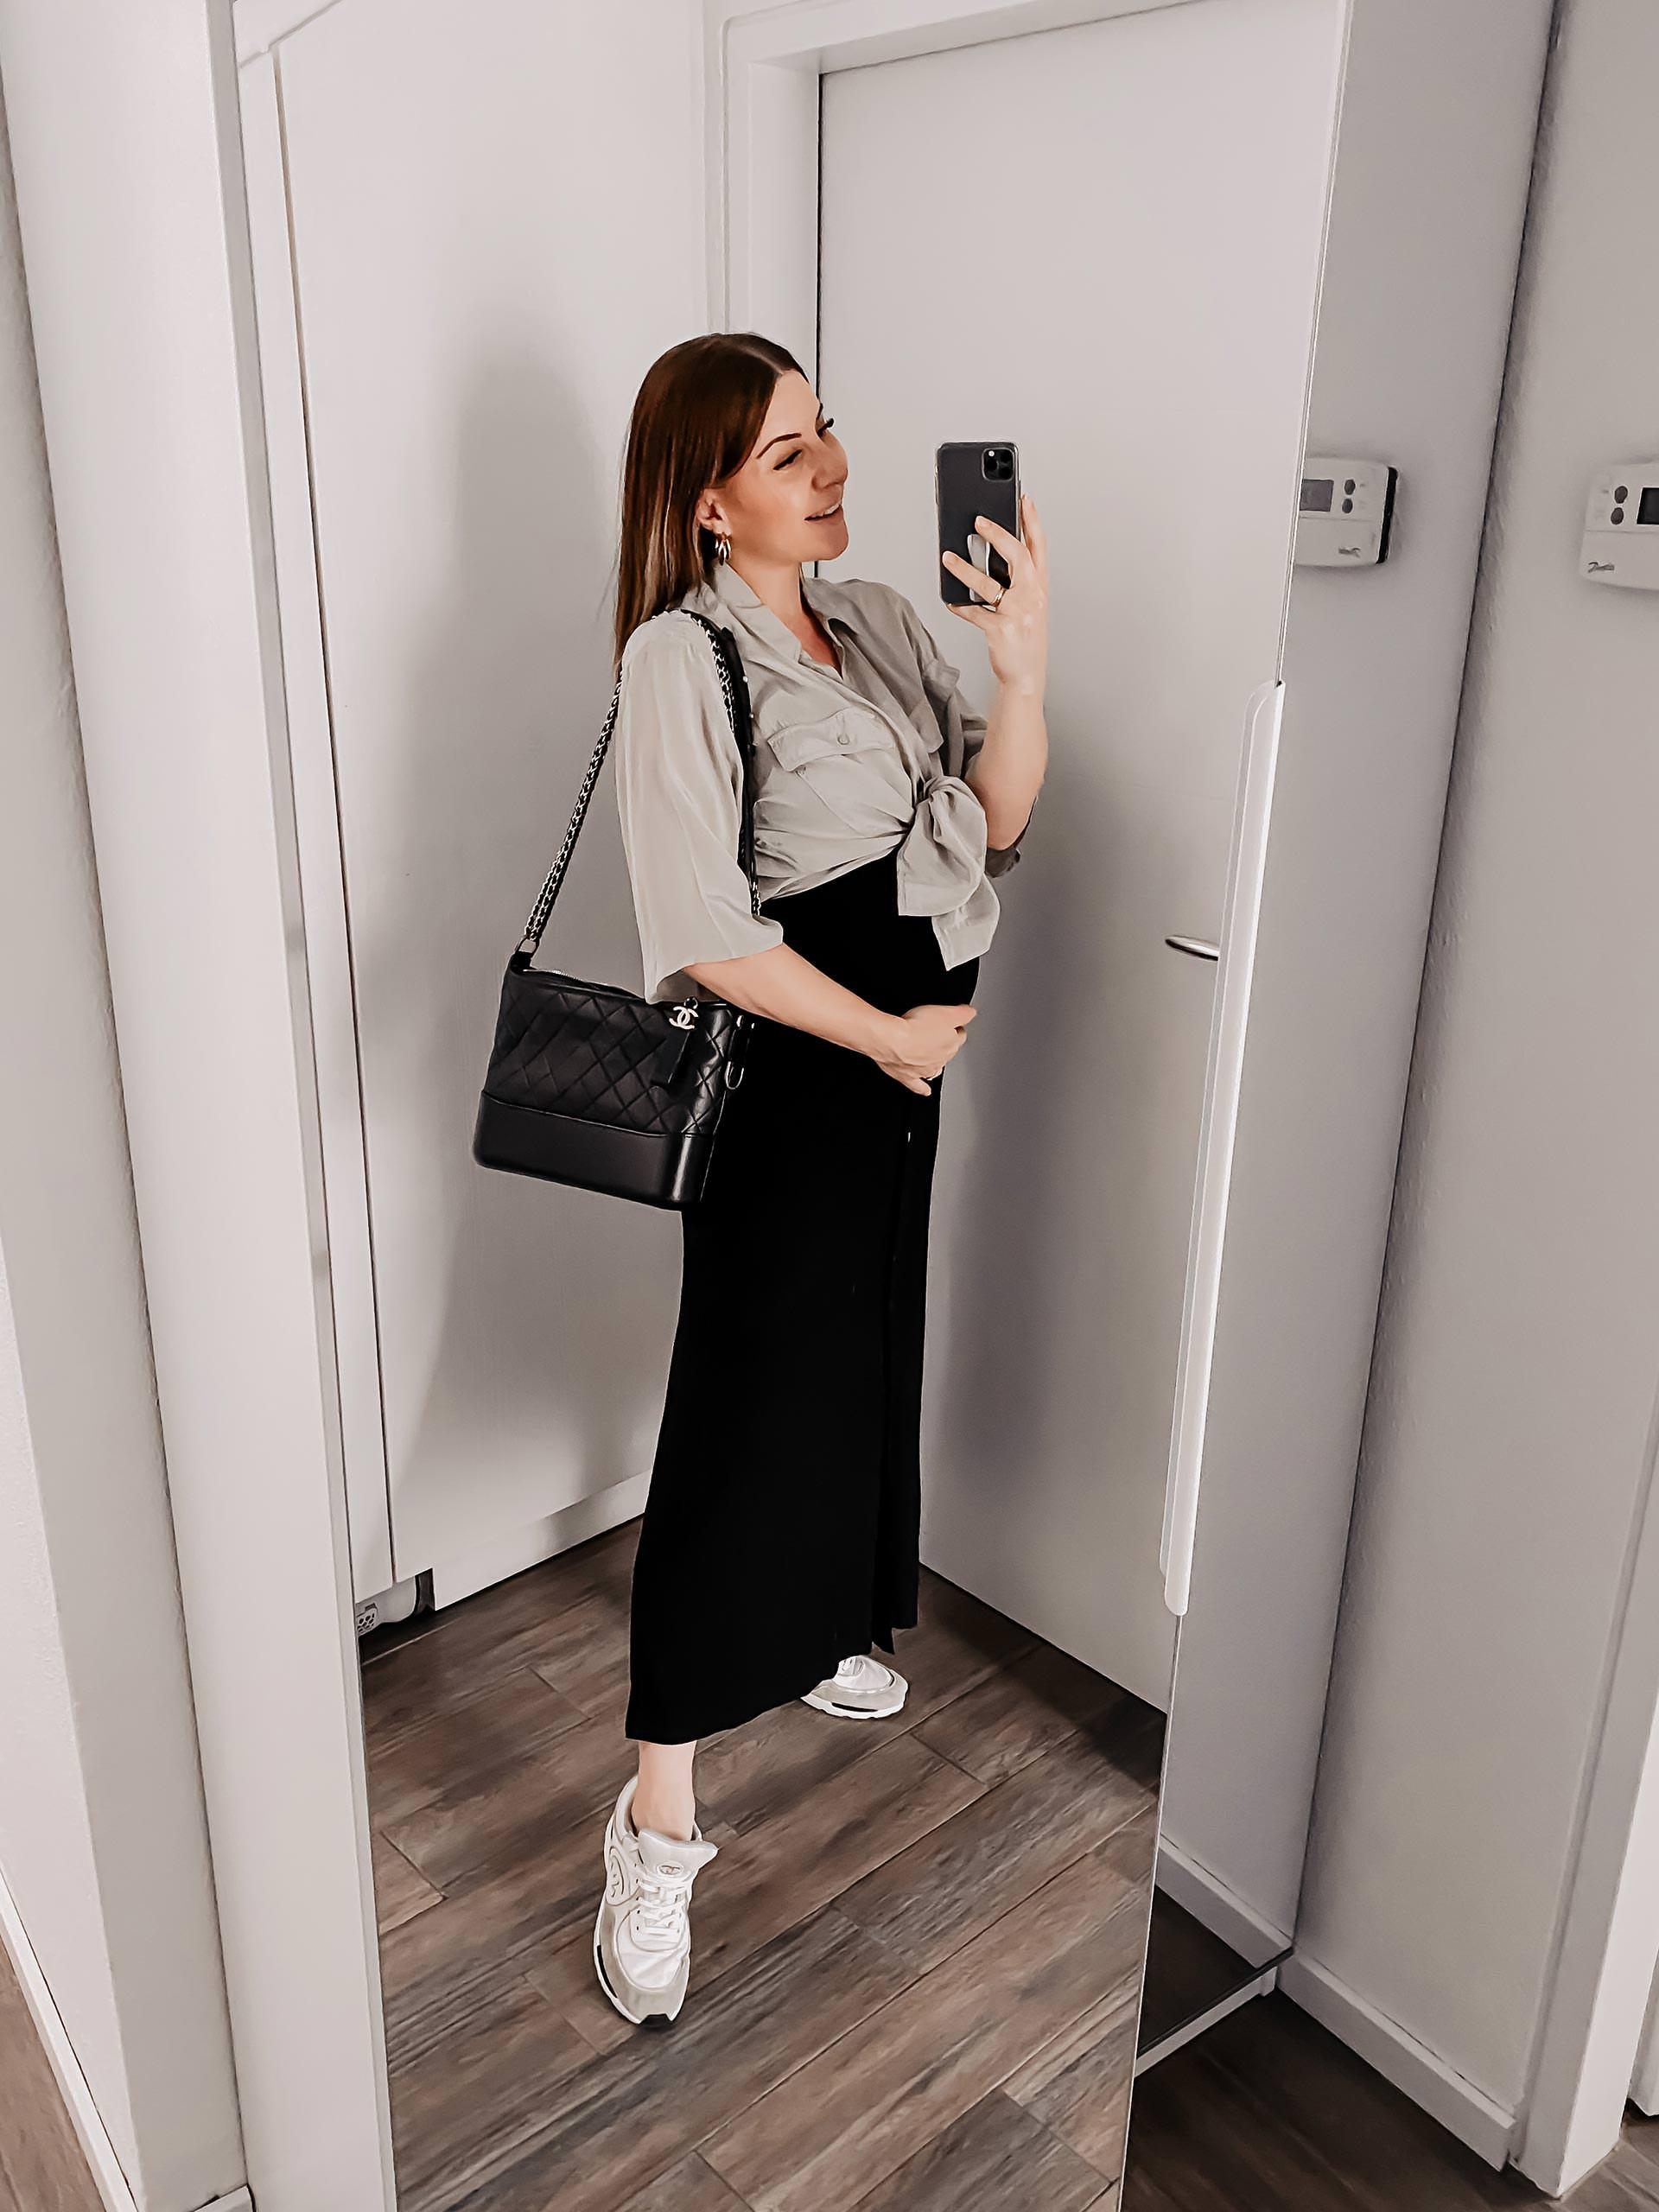 Was ziehe ich morgen an? Meine Schwangerschaftsoutfits für das 2. Trimester findest du jetzt am Modeblog. Ich bin nun gute 6 Monate schwanger und zeige dir heute meine liebsten Mama-to-be-Outfits. www.whoismocca.com